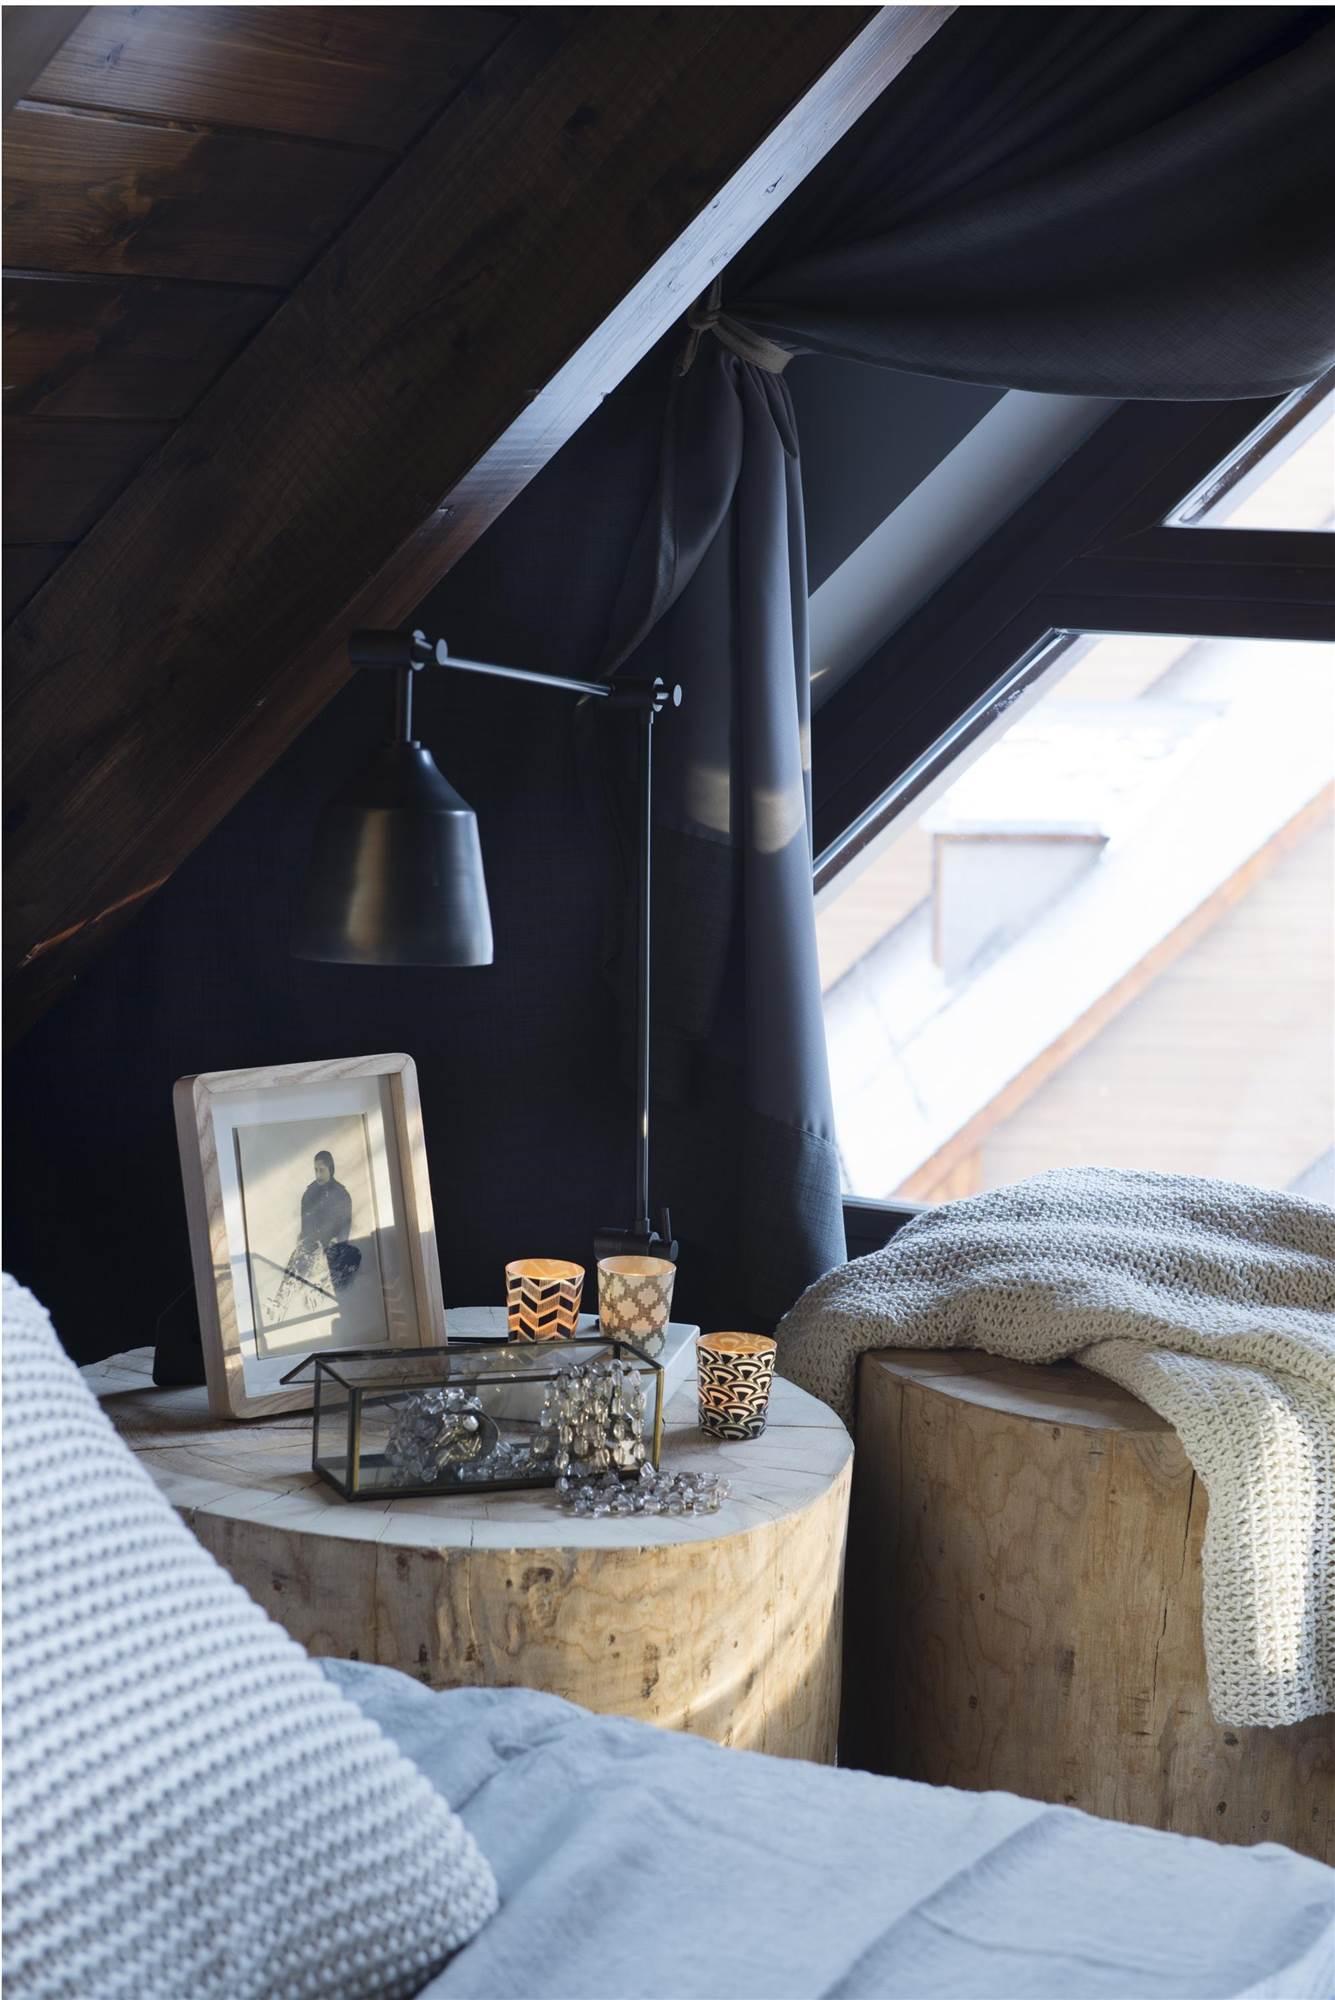 Famoso Muebles De Dormitorio Tronco Patrón - Muebles Para Ideas de ...